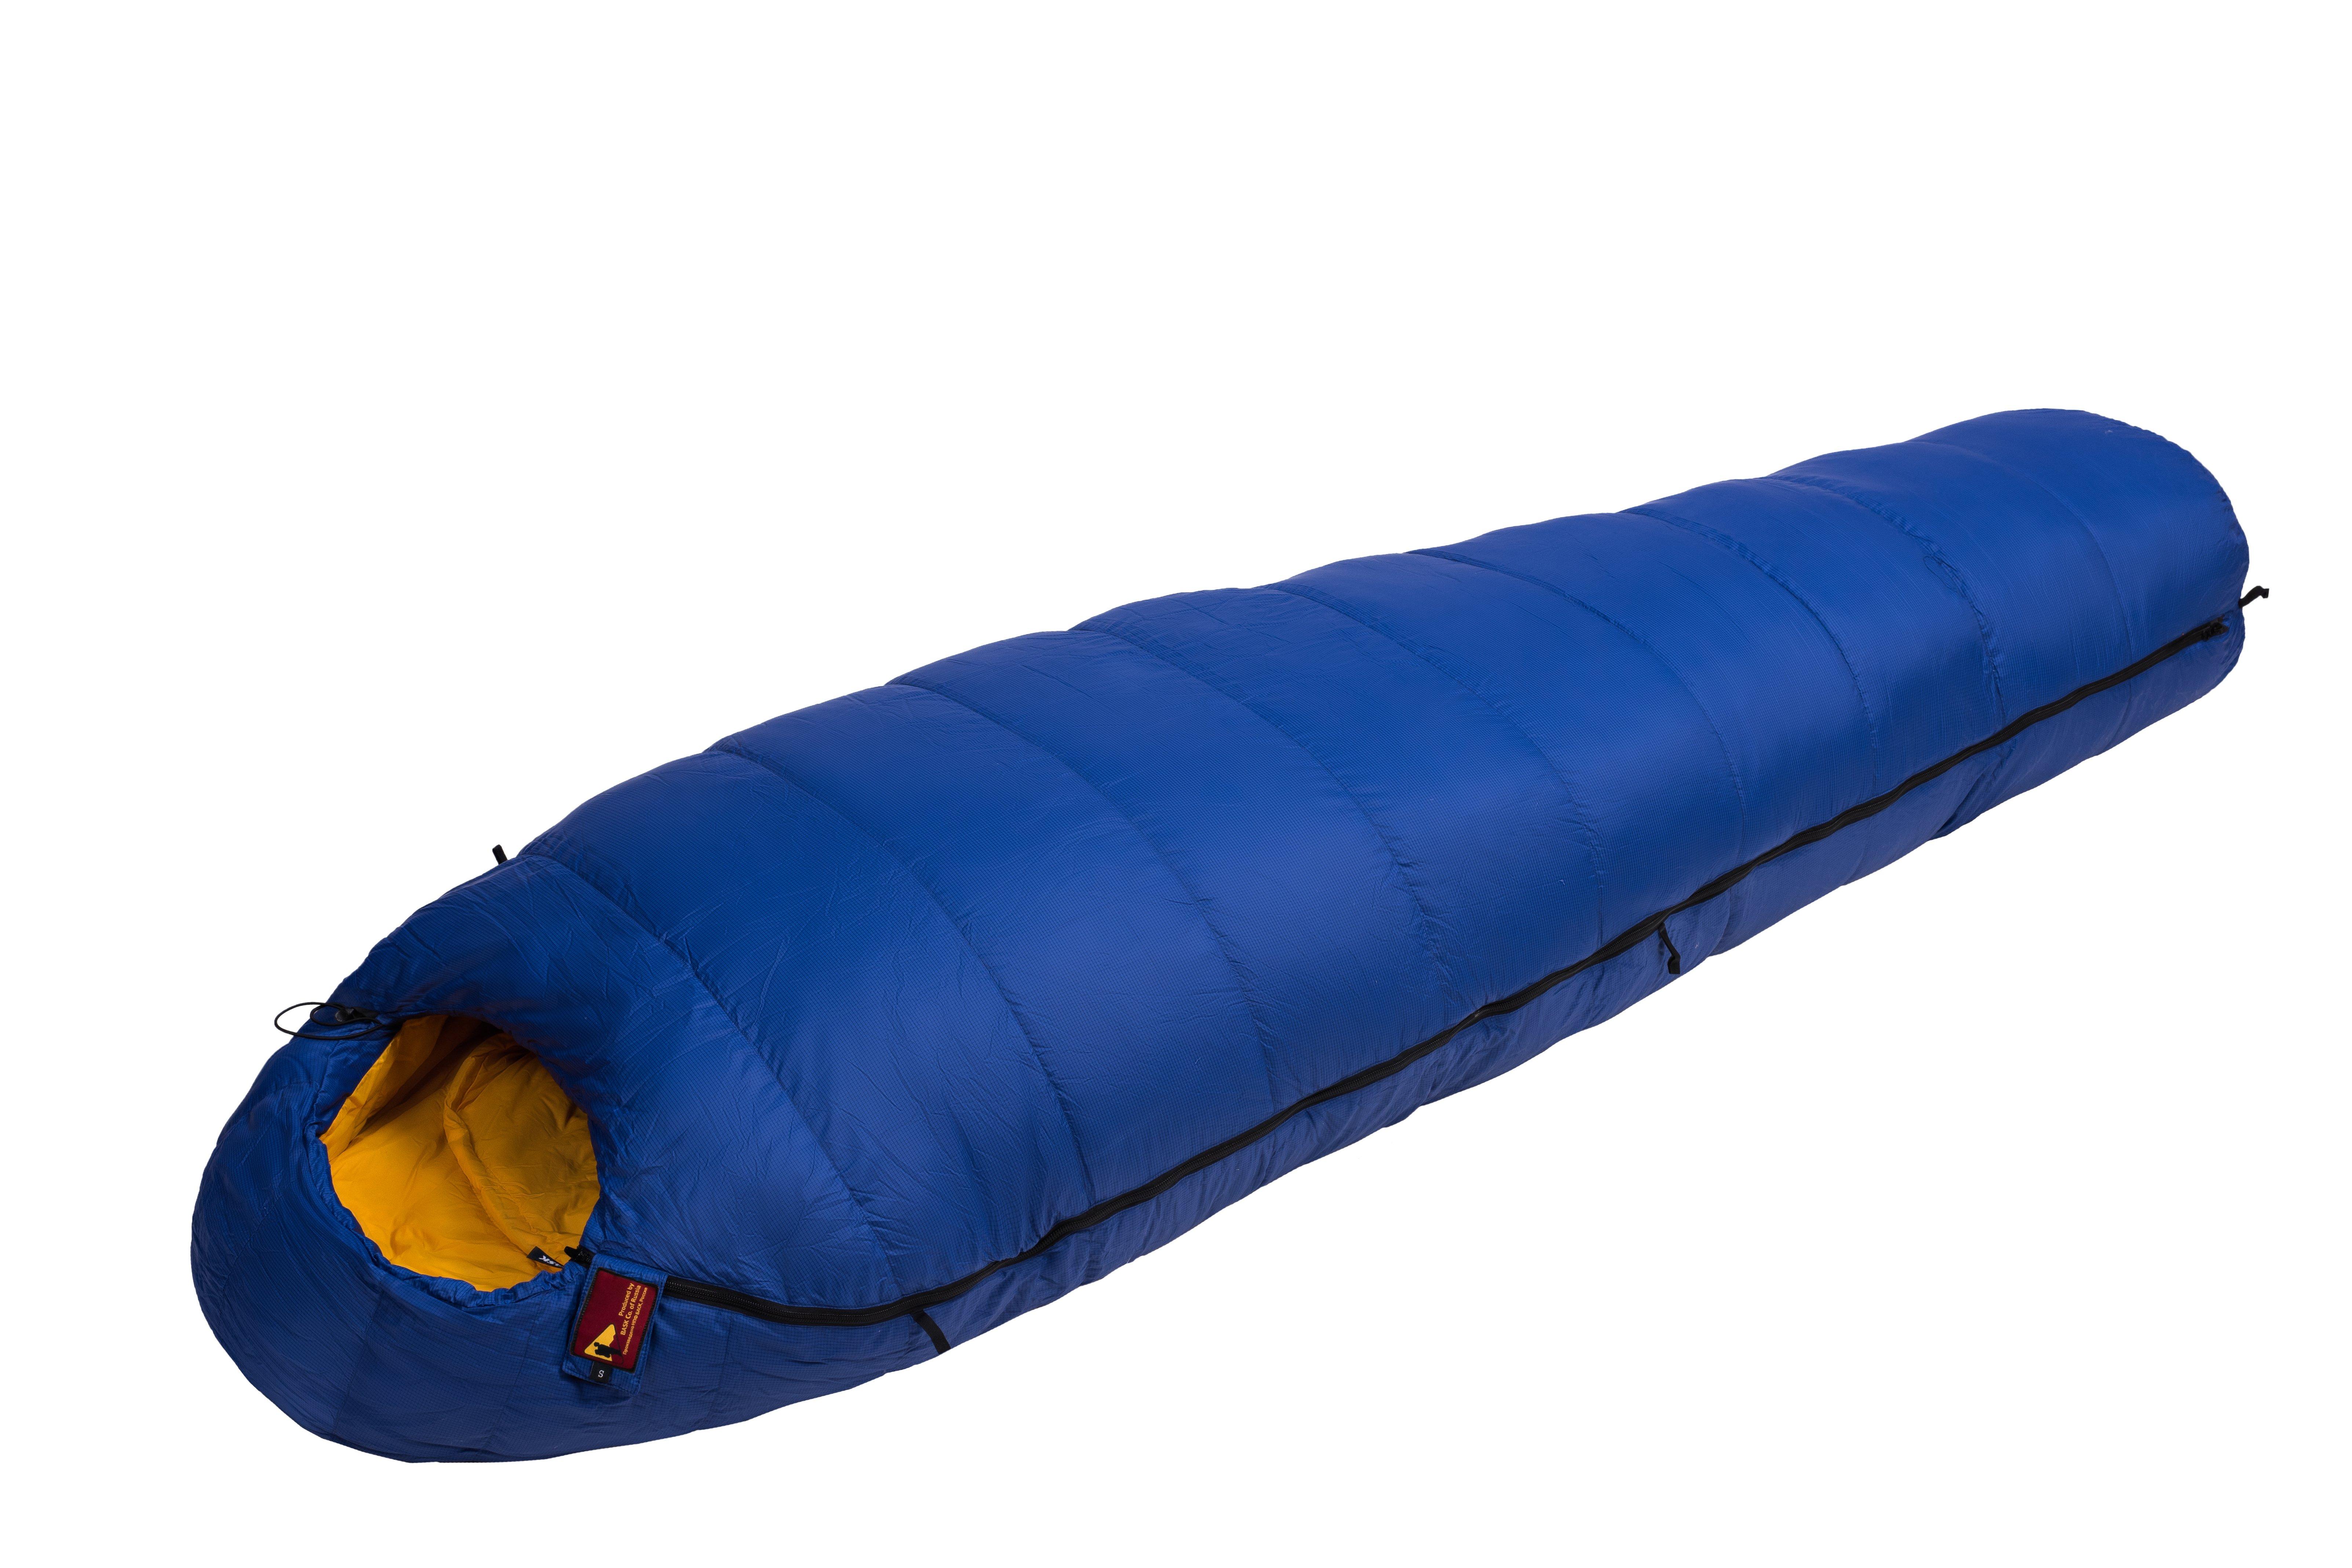 Спальный мешок BASK PAMIRS 700+FP-XL 1692bПуховой спальный мешок для экстремальных условий (-30&amp;ordm;С) Протестирован в соответствии с требованиями европейского температурного стандарта EN 13537. Модель PAMIRS выпускается с разным качеством пухового наполнения и в разных размерах.<br><br>Верхняя ткань: Advance® Classic<br>Вес без упаковки: 1420<br>Вес упаковки: 150<br>Вес утеплителя: 776<br>Внутренняя ткань: Advance® Classic<br>Назначение: экстремальный<br>Наличие карманов: Да<br>Наполнитель: пух<br>Нижняя температура комфорта °C: -11<br>Подголовник/Капюшон: Да<br>Показатель Fill Power (для пуховых изделий): 780<br>Пол: унисекс<br>Размер в упакованном виде (диаметр х длина): 24x50<br>Размеры наружные (внутренние): 228х205х85х58<br>Система расположения слоев утеплителя или пуховых пакетов: смещенные швы<br>Температура комфорта °C: -4<br>Тесьма вдоль планки: Да<br>Тип молнии: двухзамковая-разъёмная<br>Тип утеплителя: натуральный<br>Утеплитель: гусиный пух<br>Утепляющая планка: Да<br>Форма: кокон<br>Шейный пакет: Да<br>Экстремальная температура °C: -30